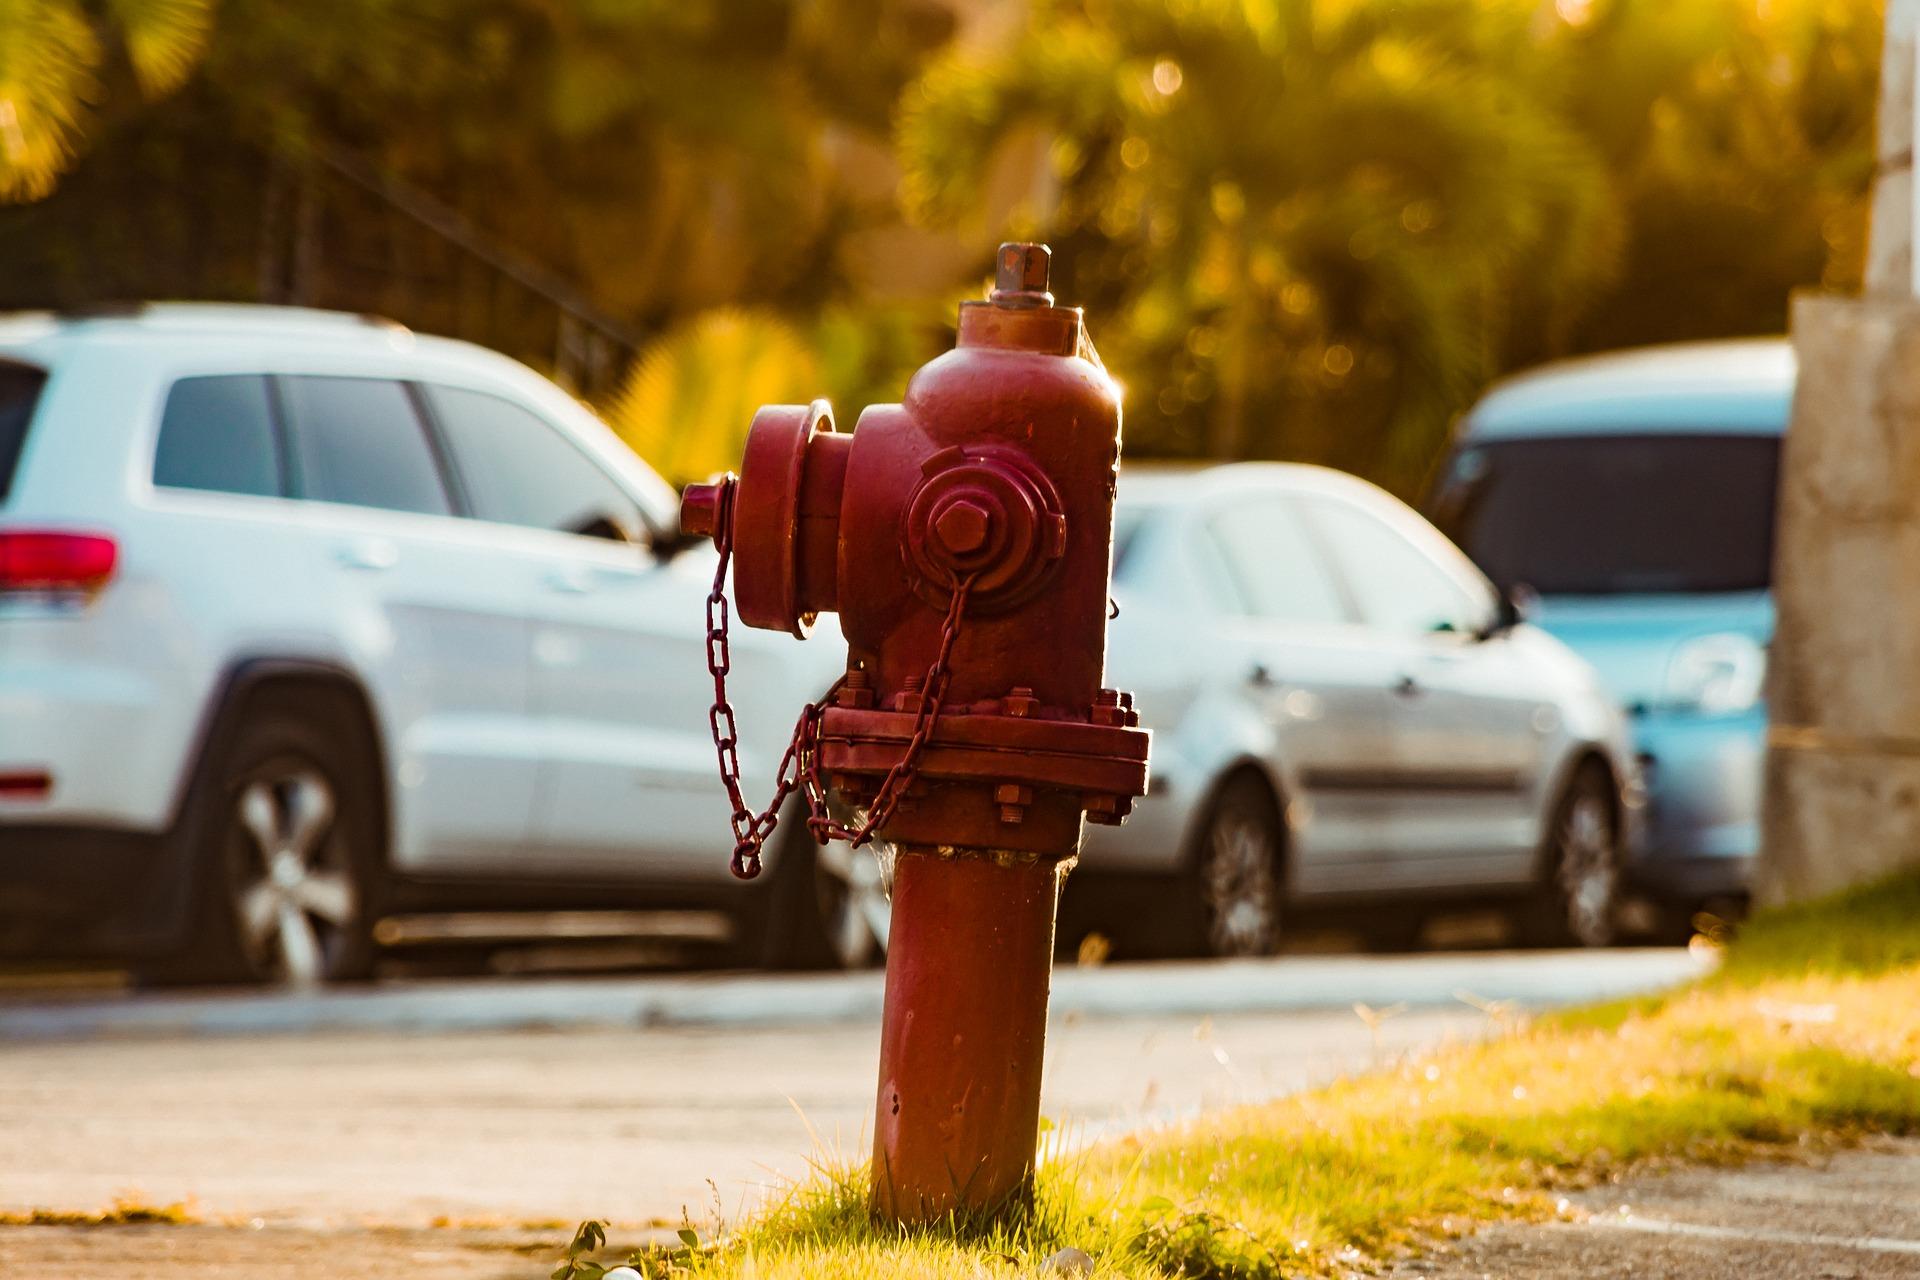 A fire hydrant near the sidewalk of a street.